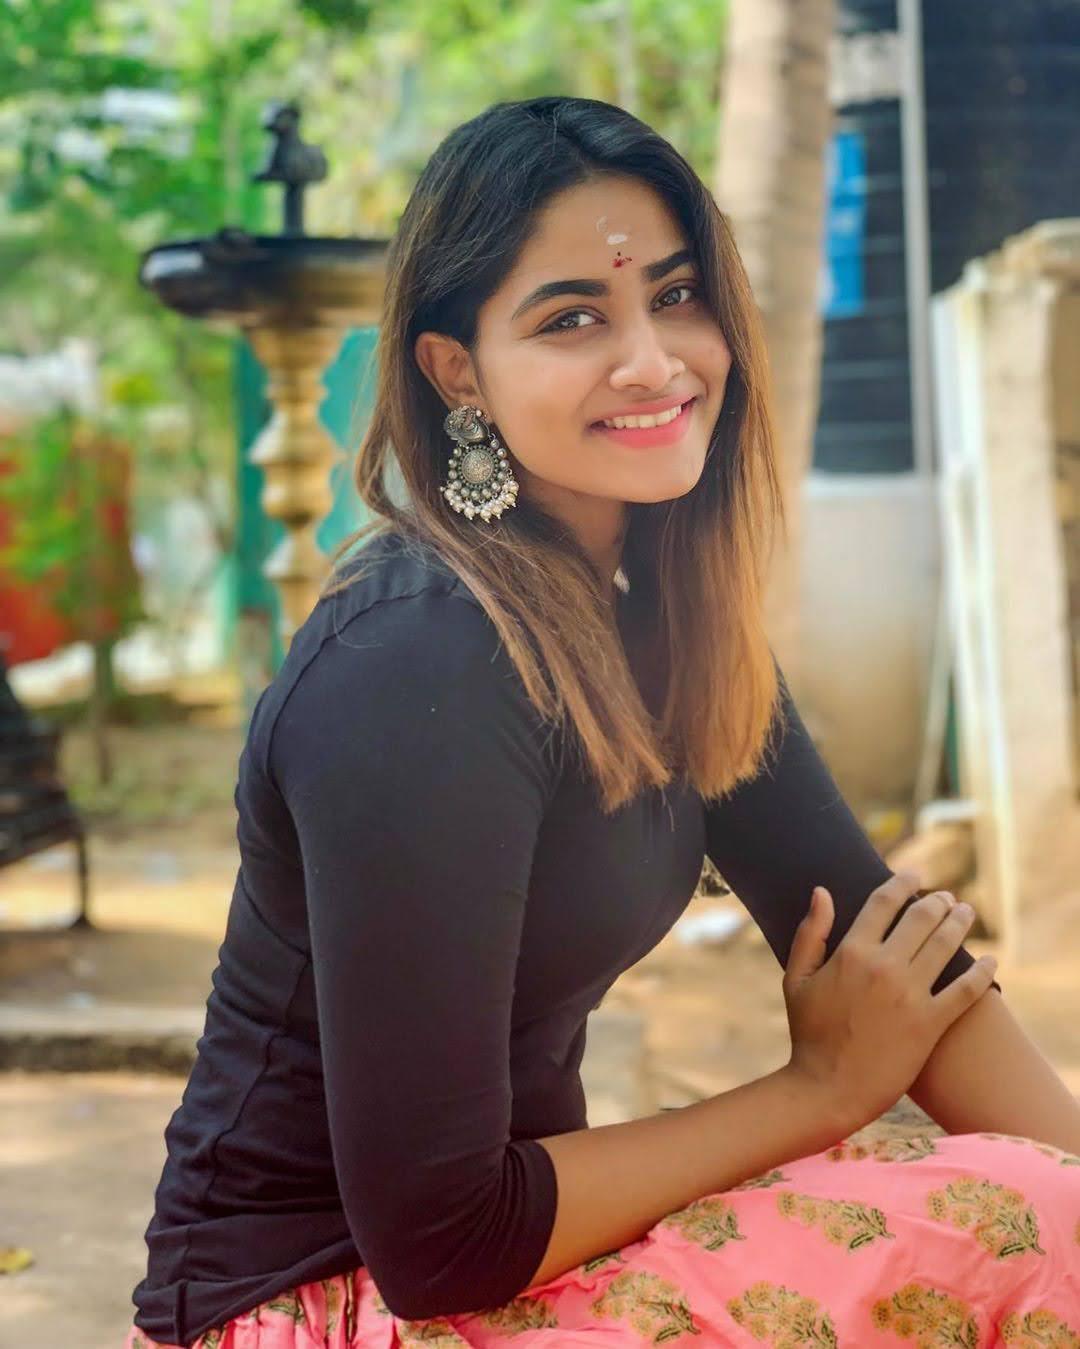 shivani_narayanan_515113235